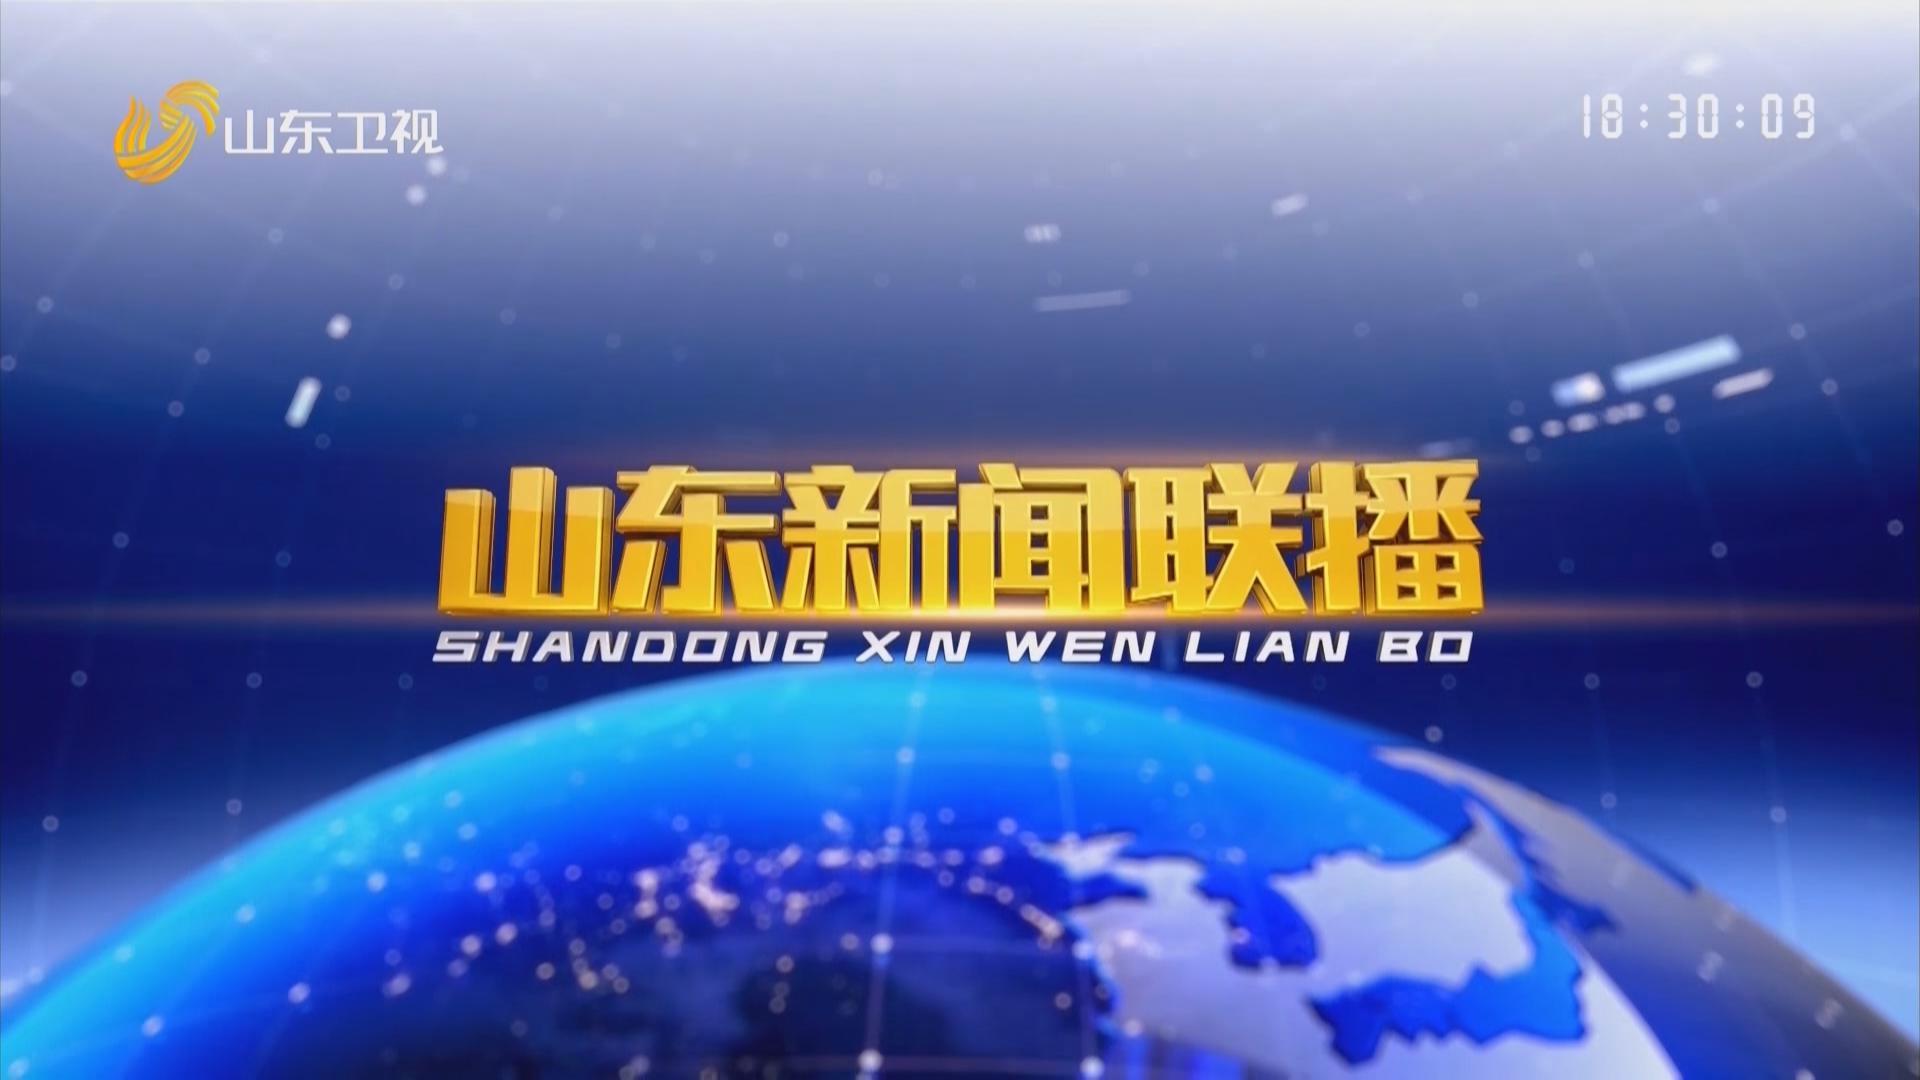 2021年03月17日山(shan)東新聞聯播(bo)完整版